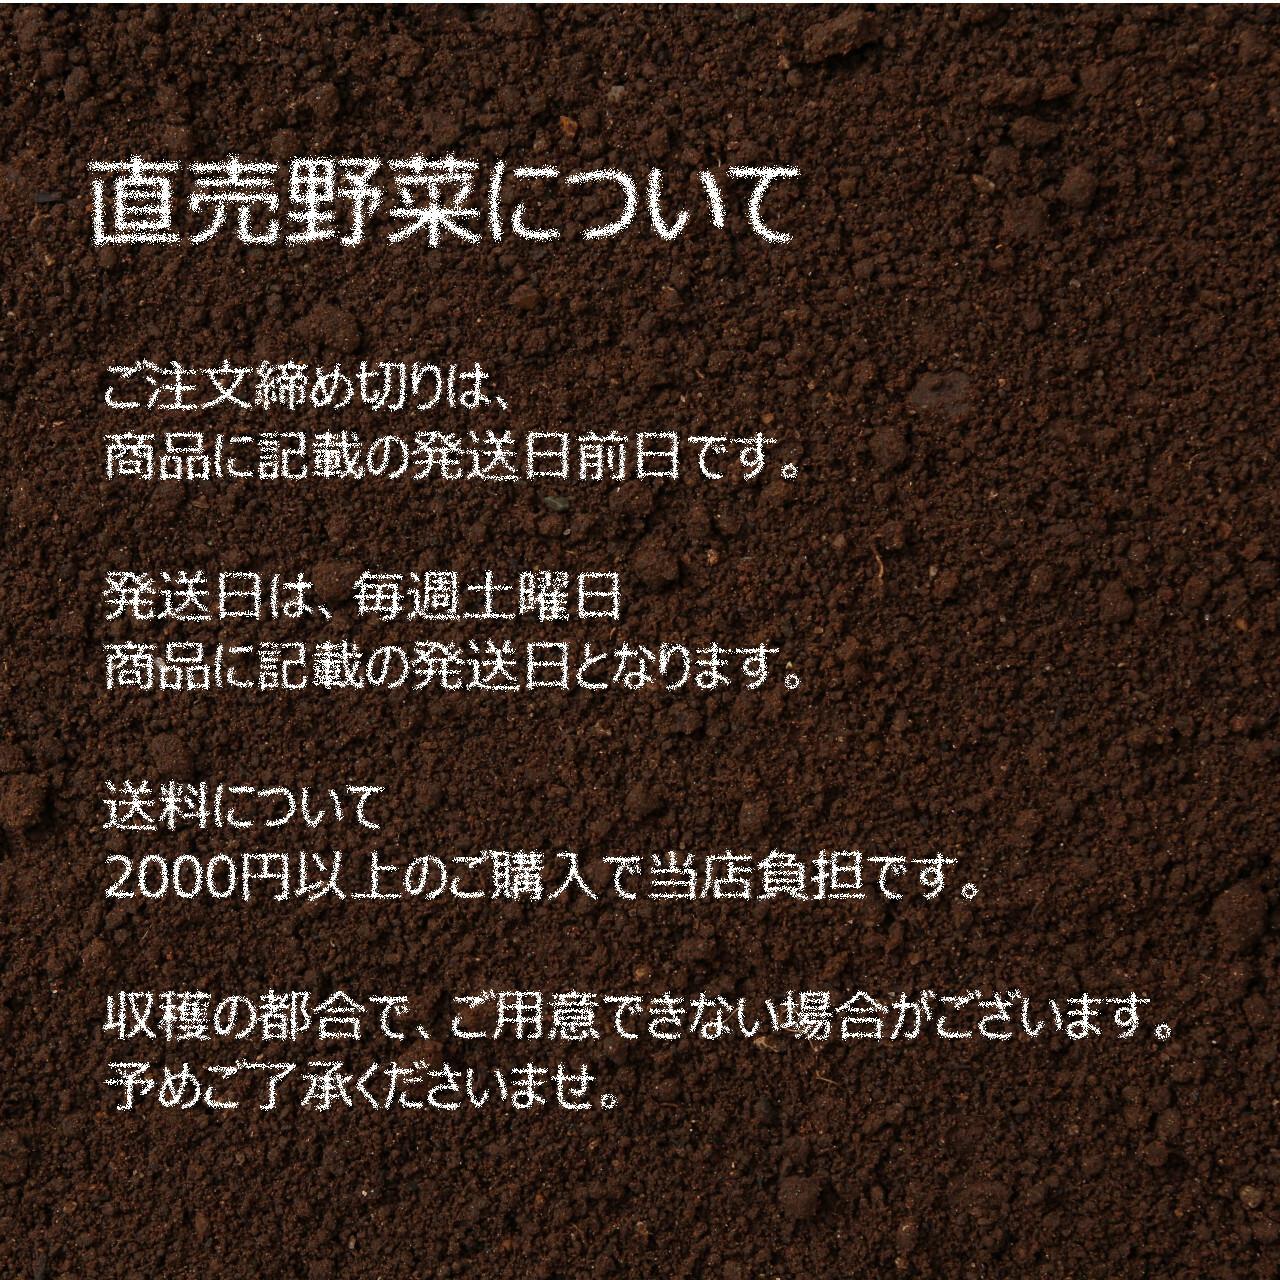 サニーレタス 約300g : 6月の朝採り直売野菜  春の新鮮野菜 6月13日発送予定